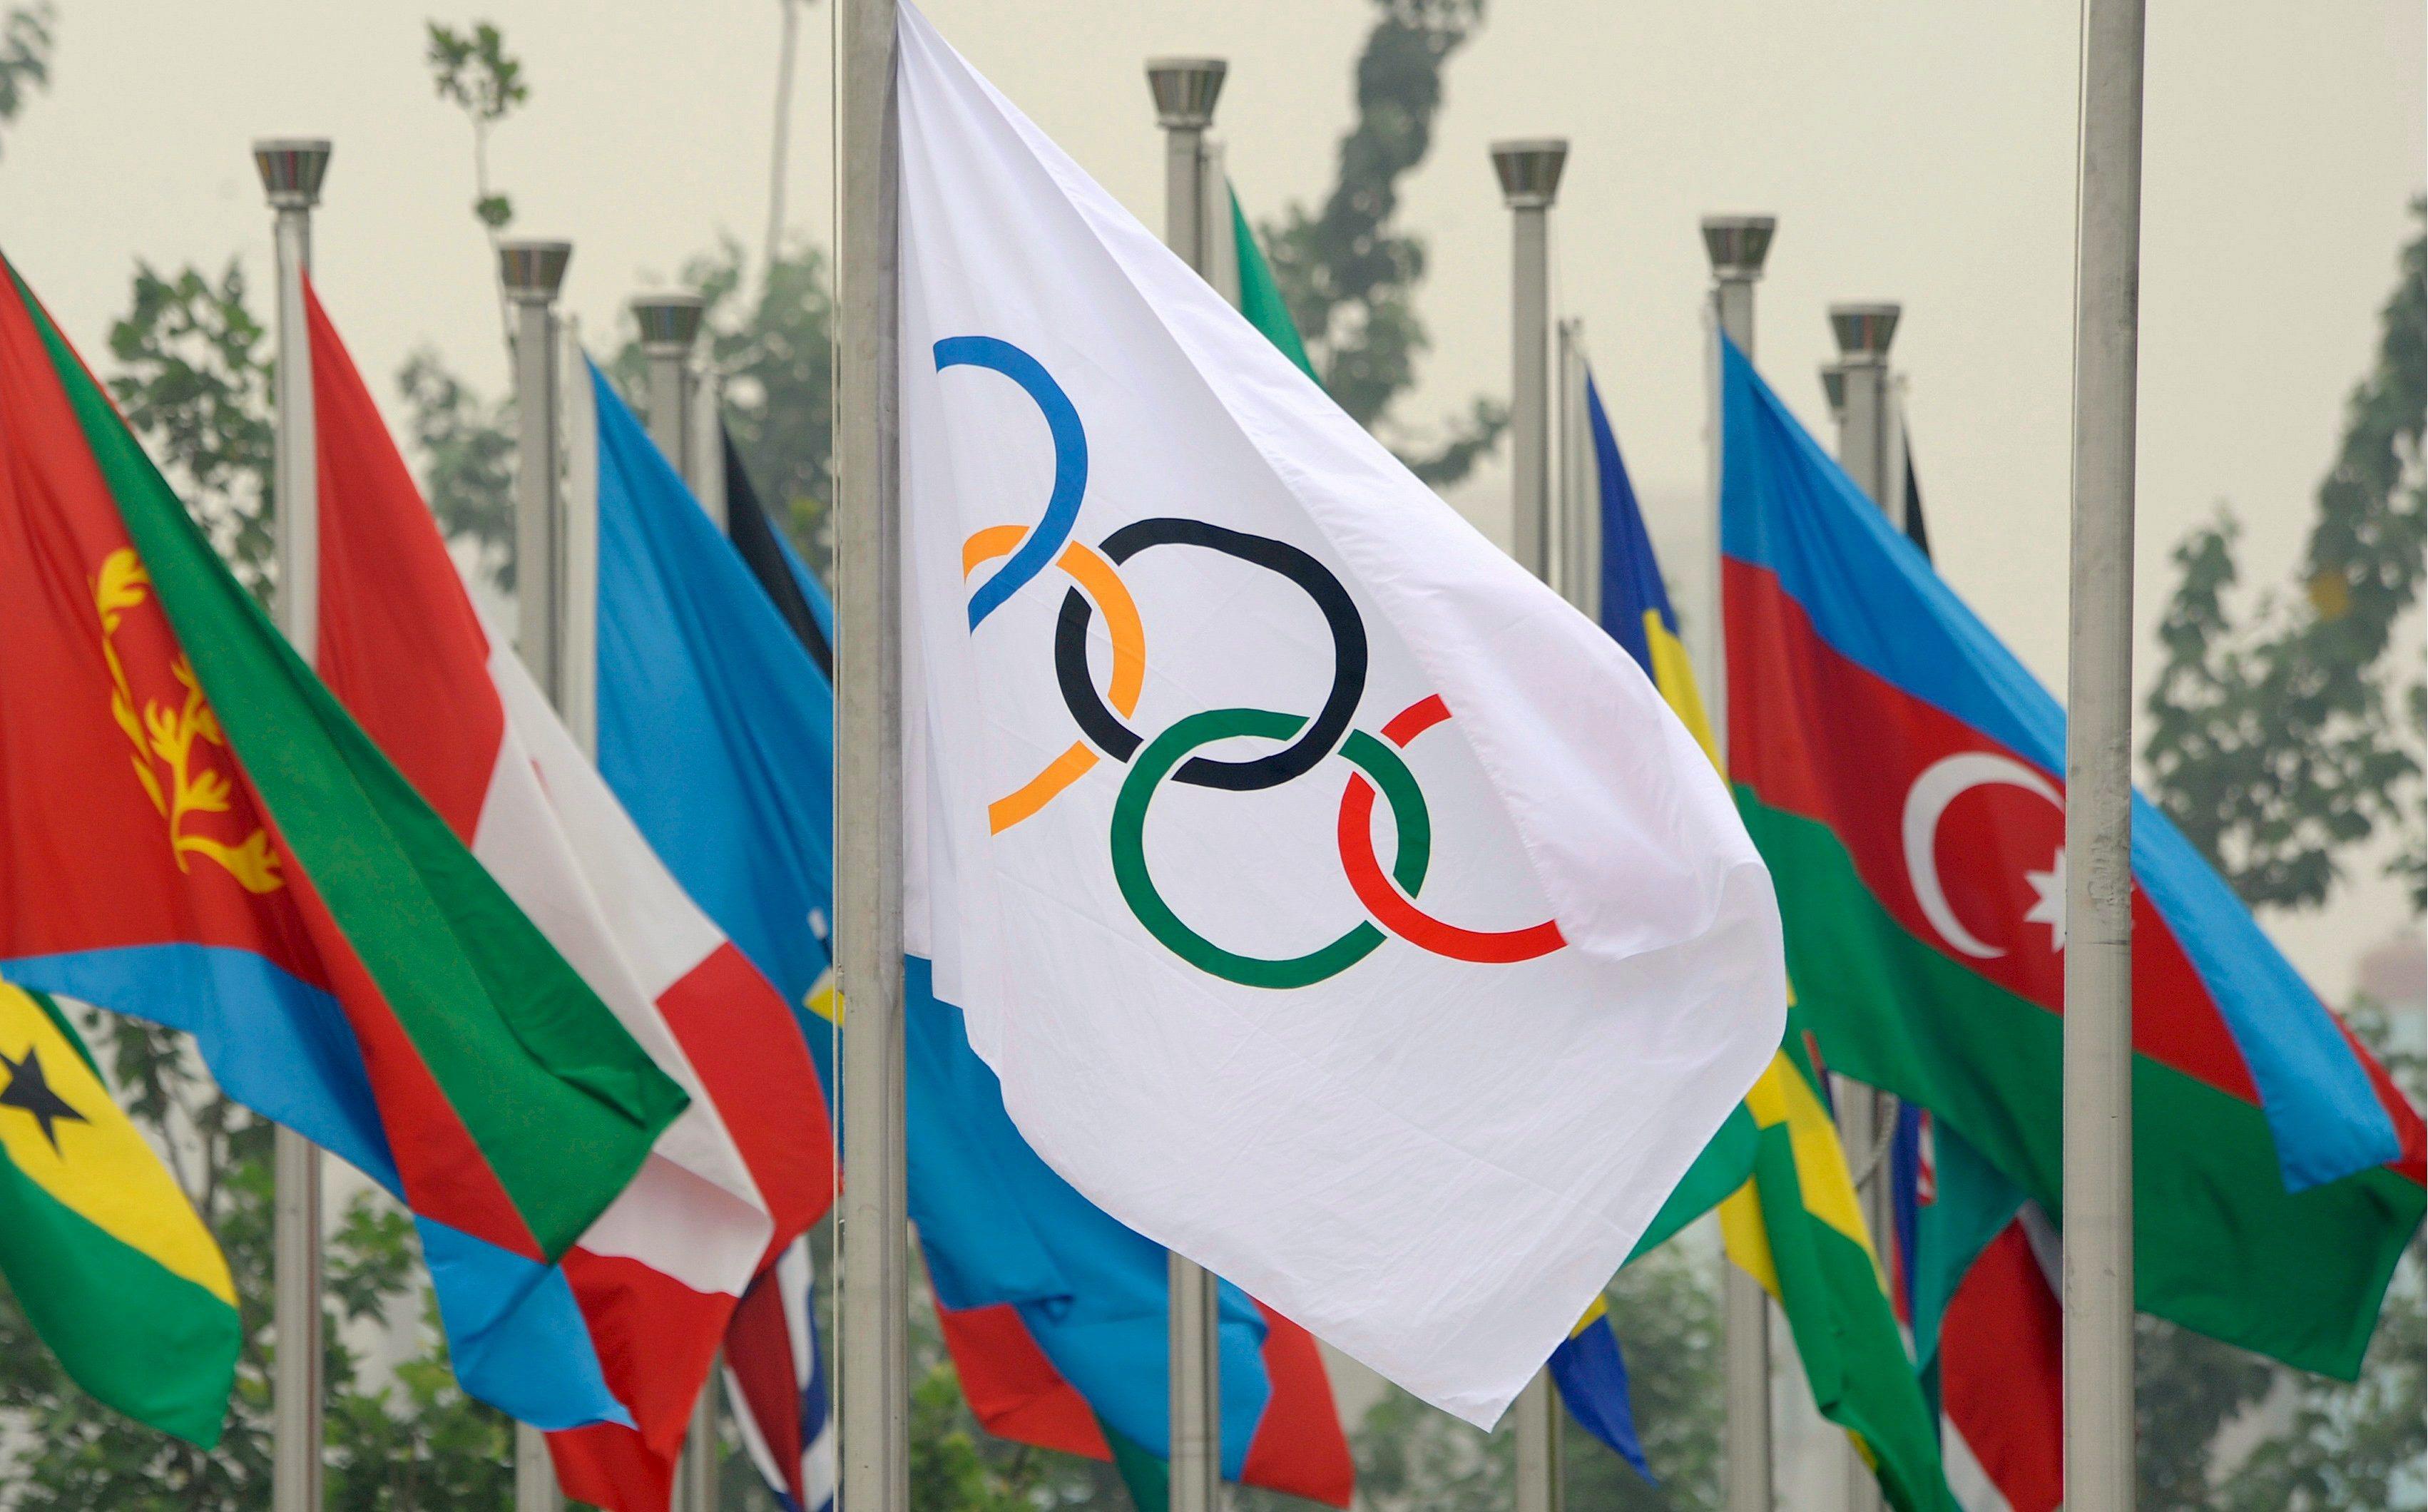 Olimpiadi-2024